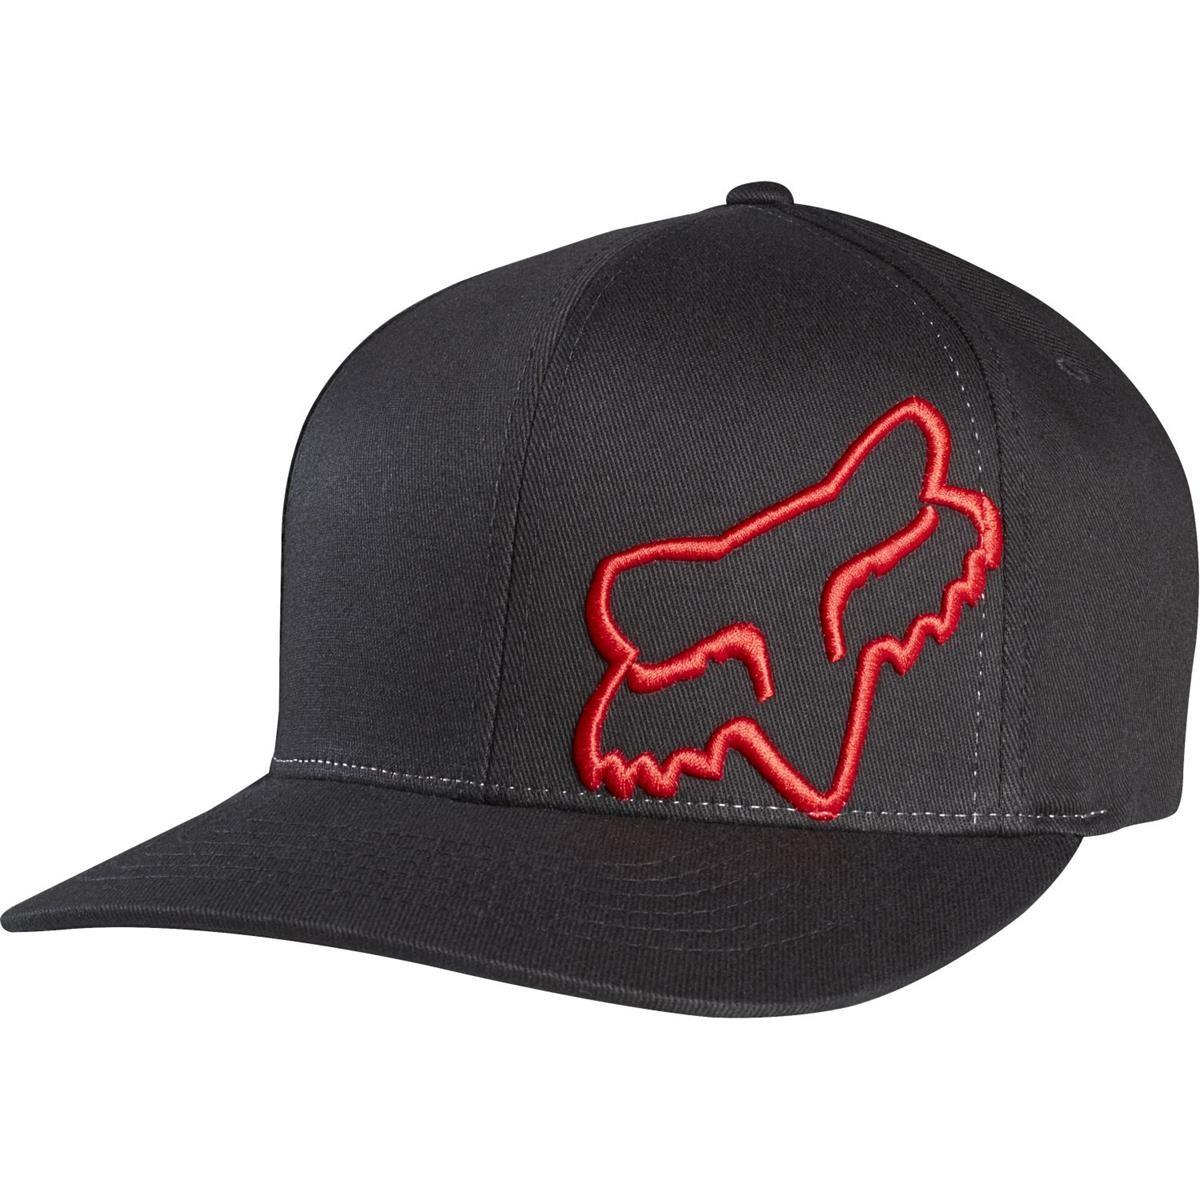 Fox Flexfit Hats >> Fox Flexfit Cap Flex 45 Black/Red   Maciag Offroad